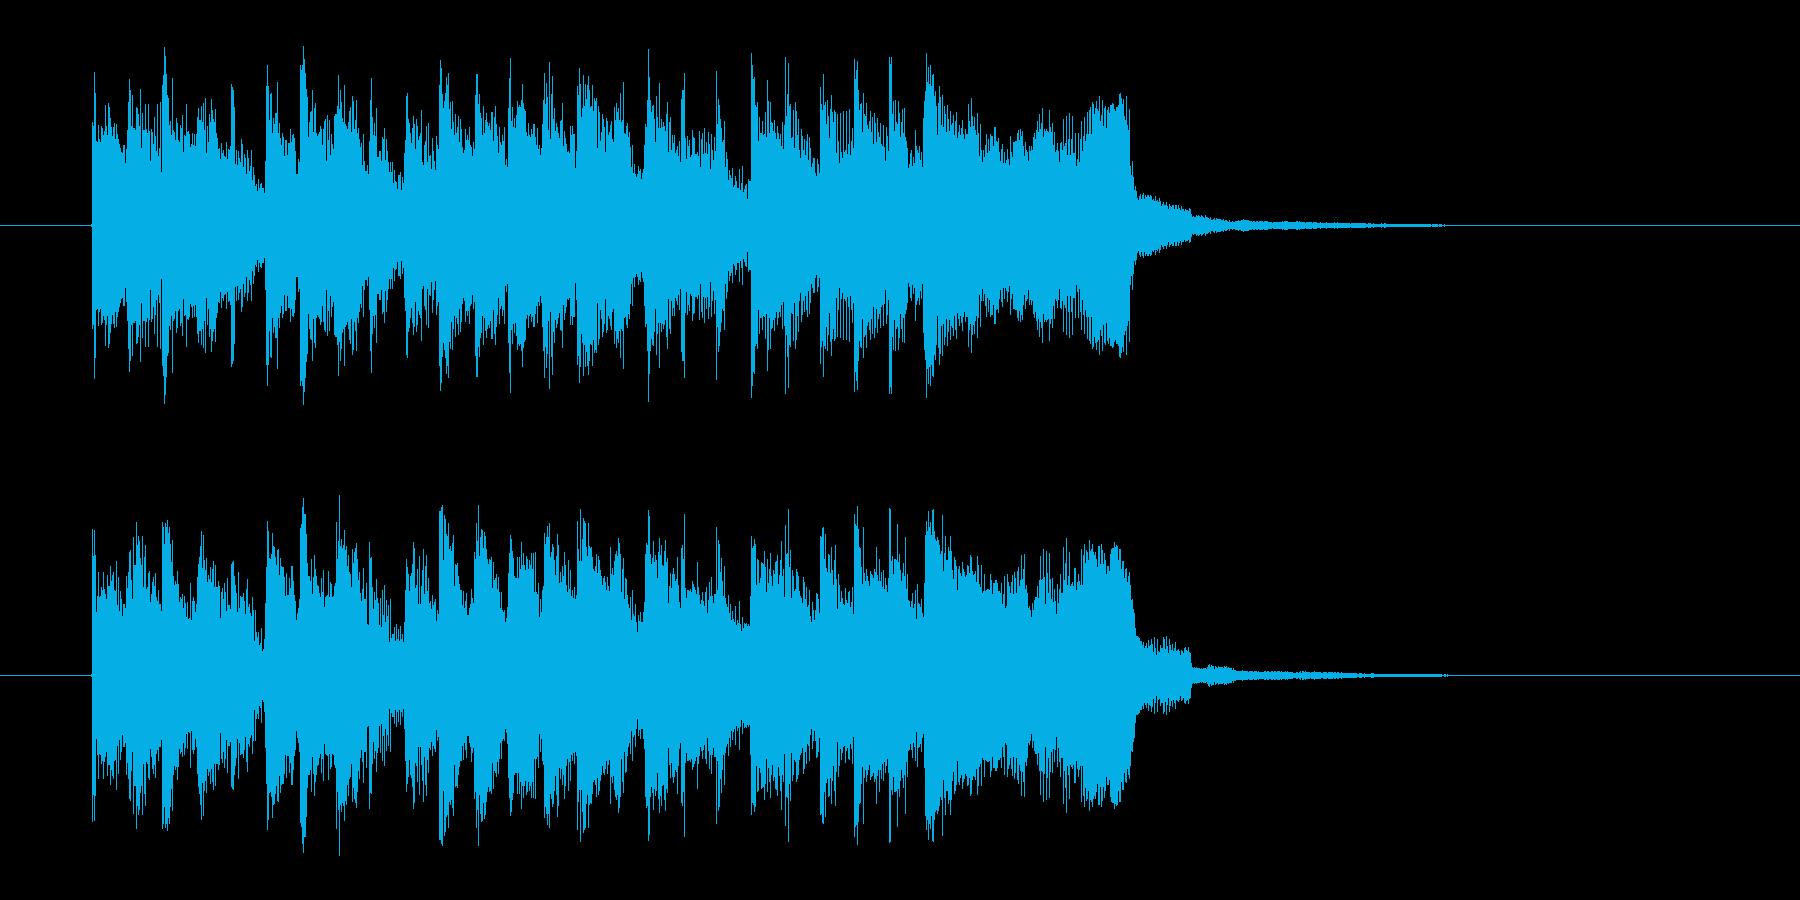 勢いと楽しげなドラムシンセサウンド短めの再生済みの波形